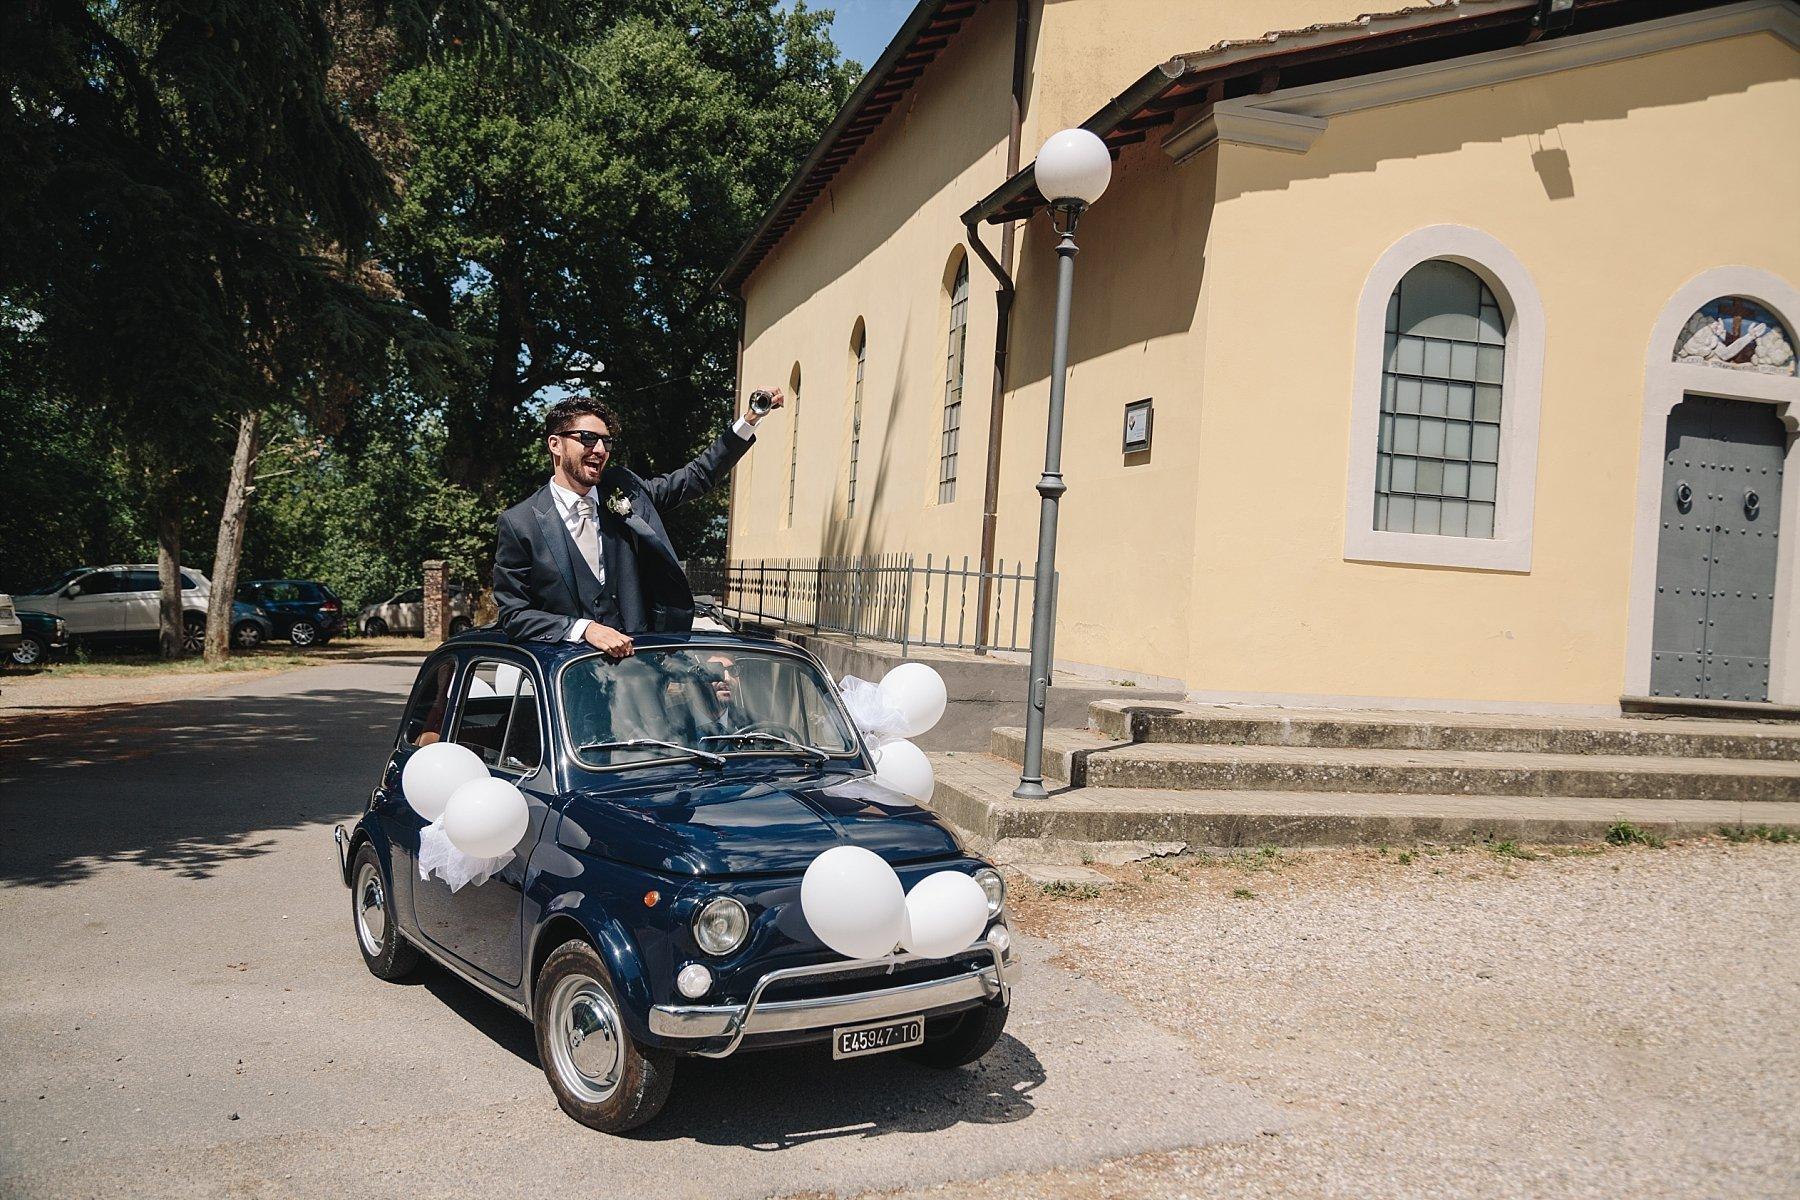 Arrivo dello sposo in Chiesa con fiat 500 d'epoca